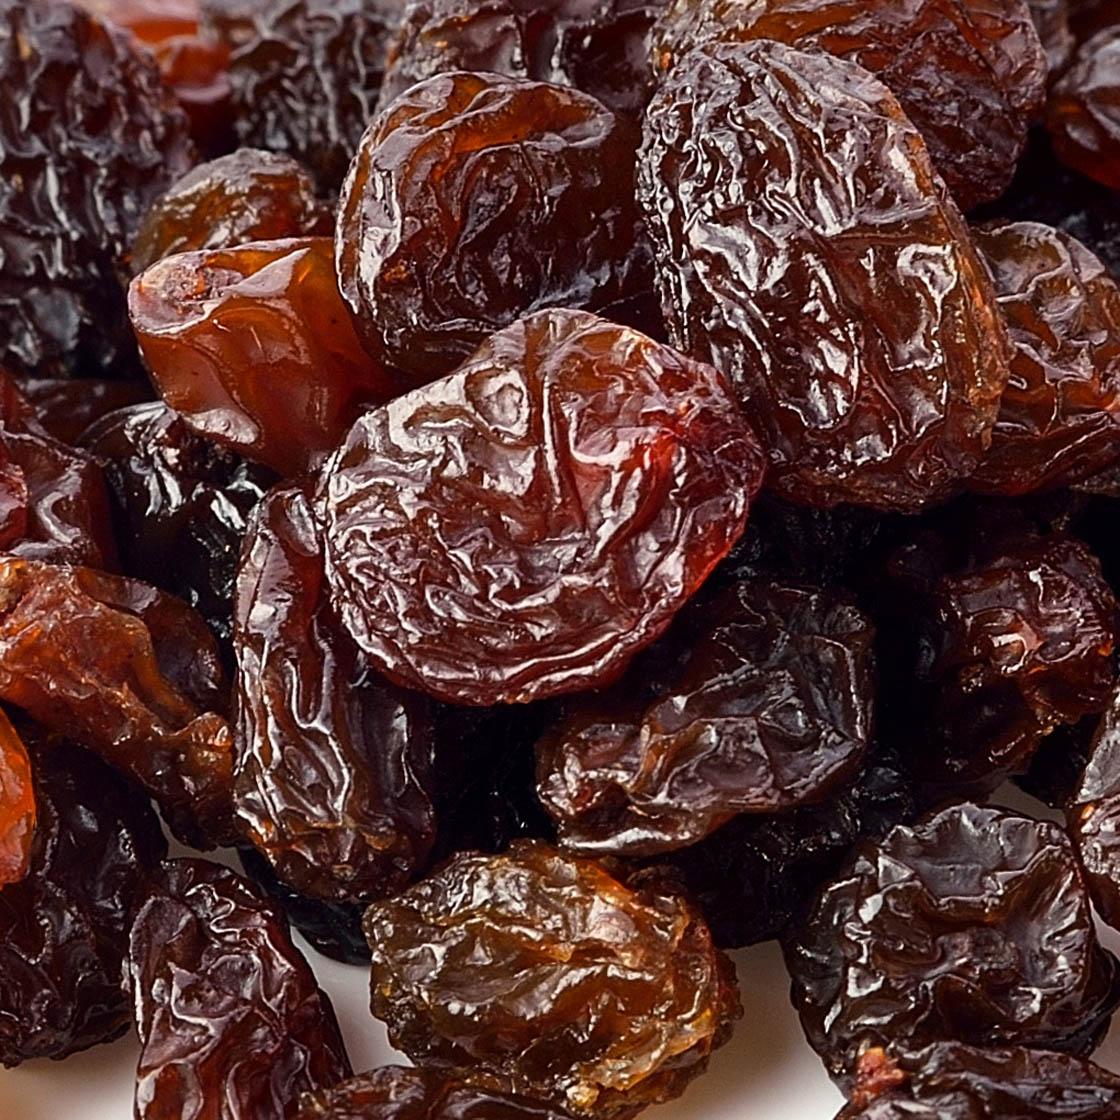 Raisins - Thompson Seedless